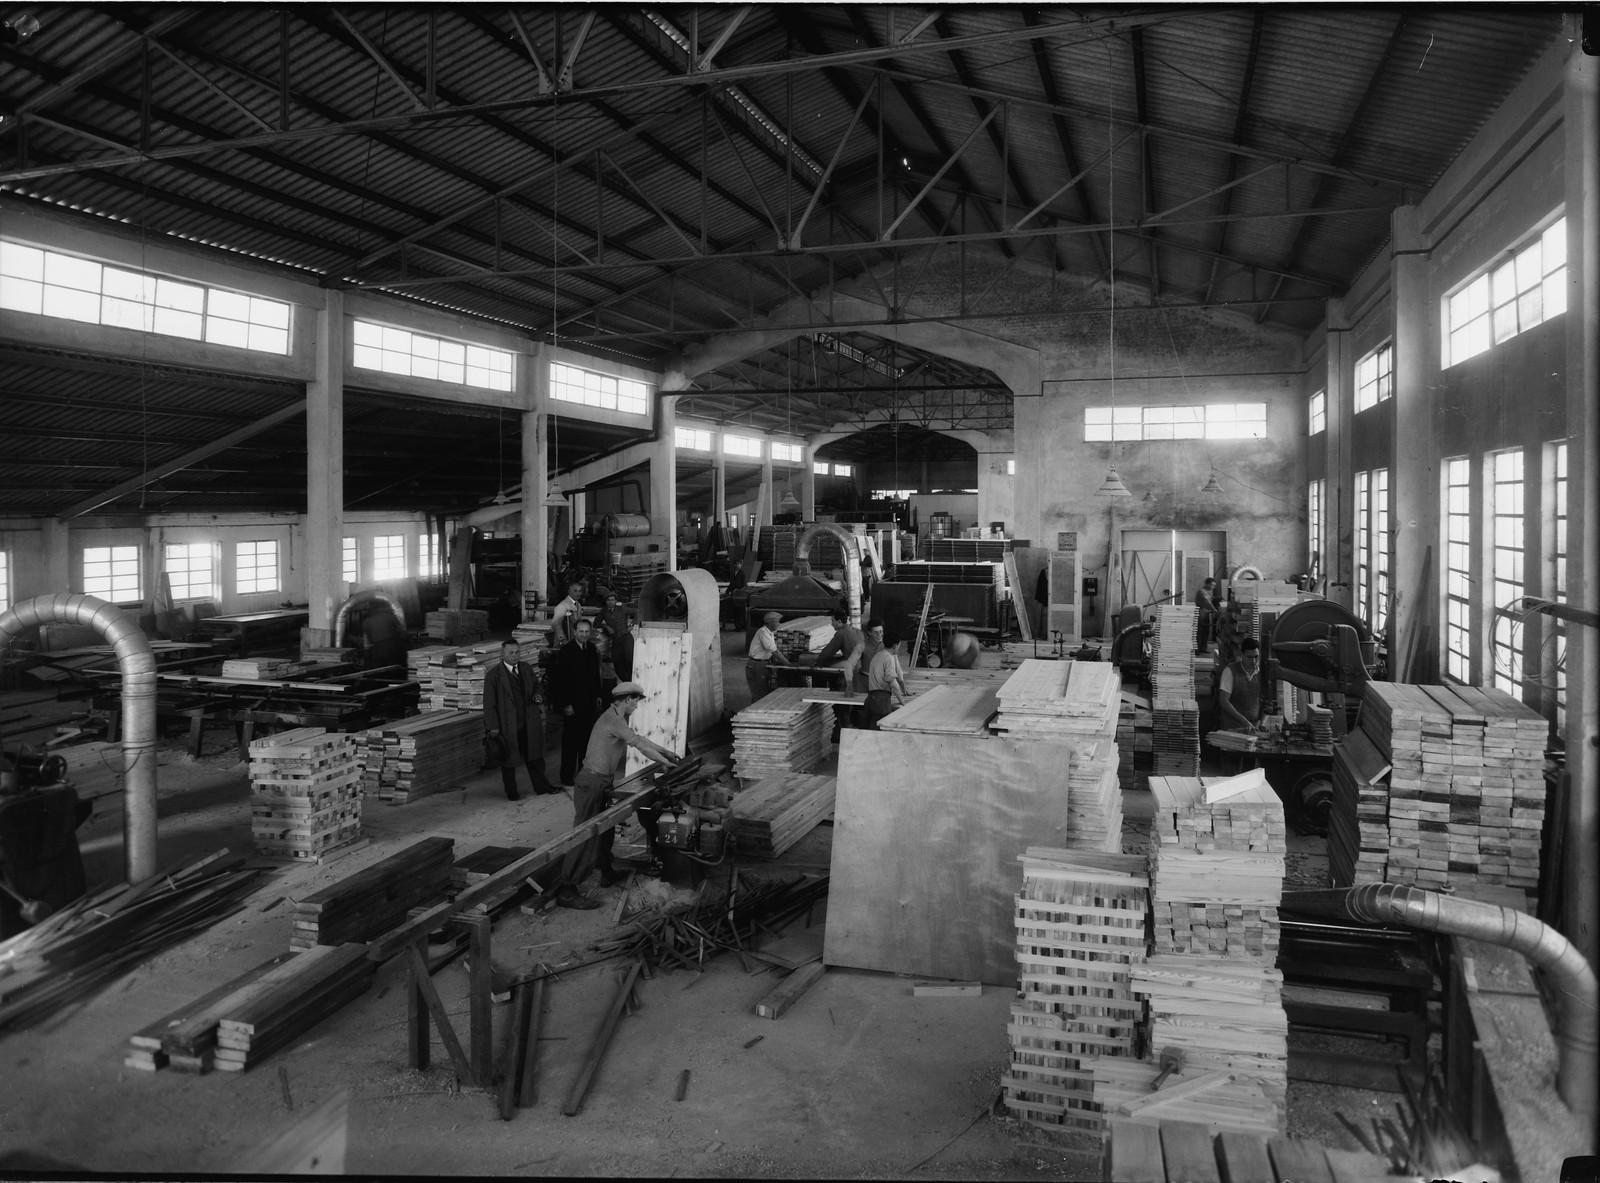 03. Реховот. Tirzah Ltd. Мебельная фабрика. В цеху